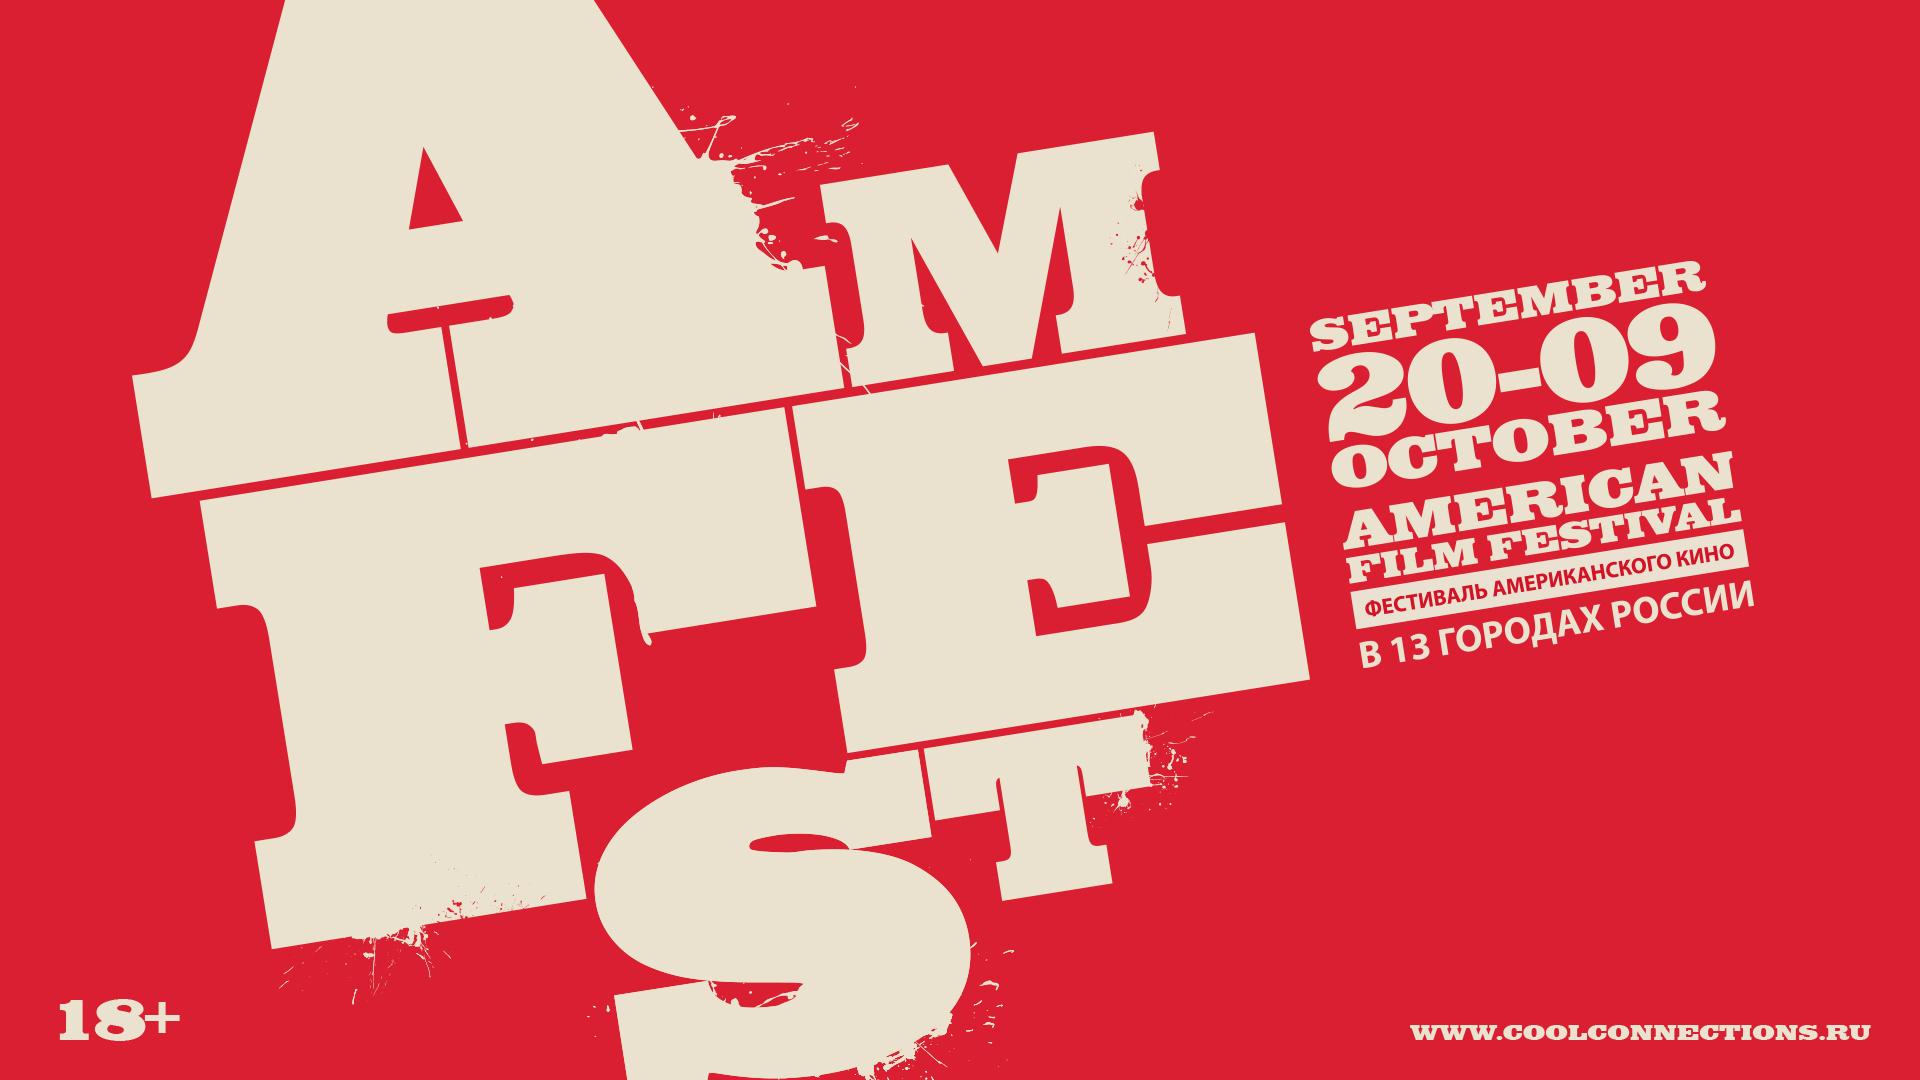 Фестиваль американского кино AMFEST пройдёт в 13 городах России